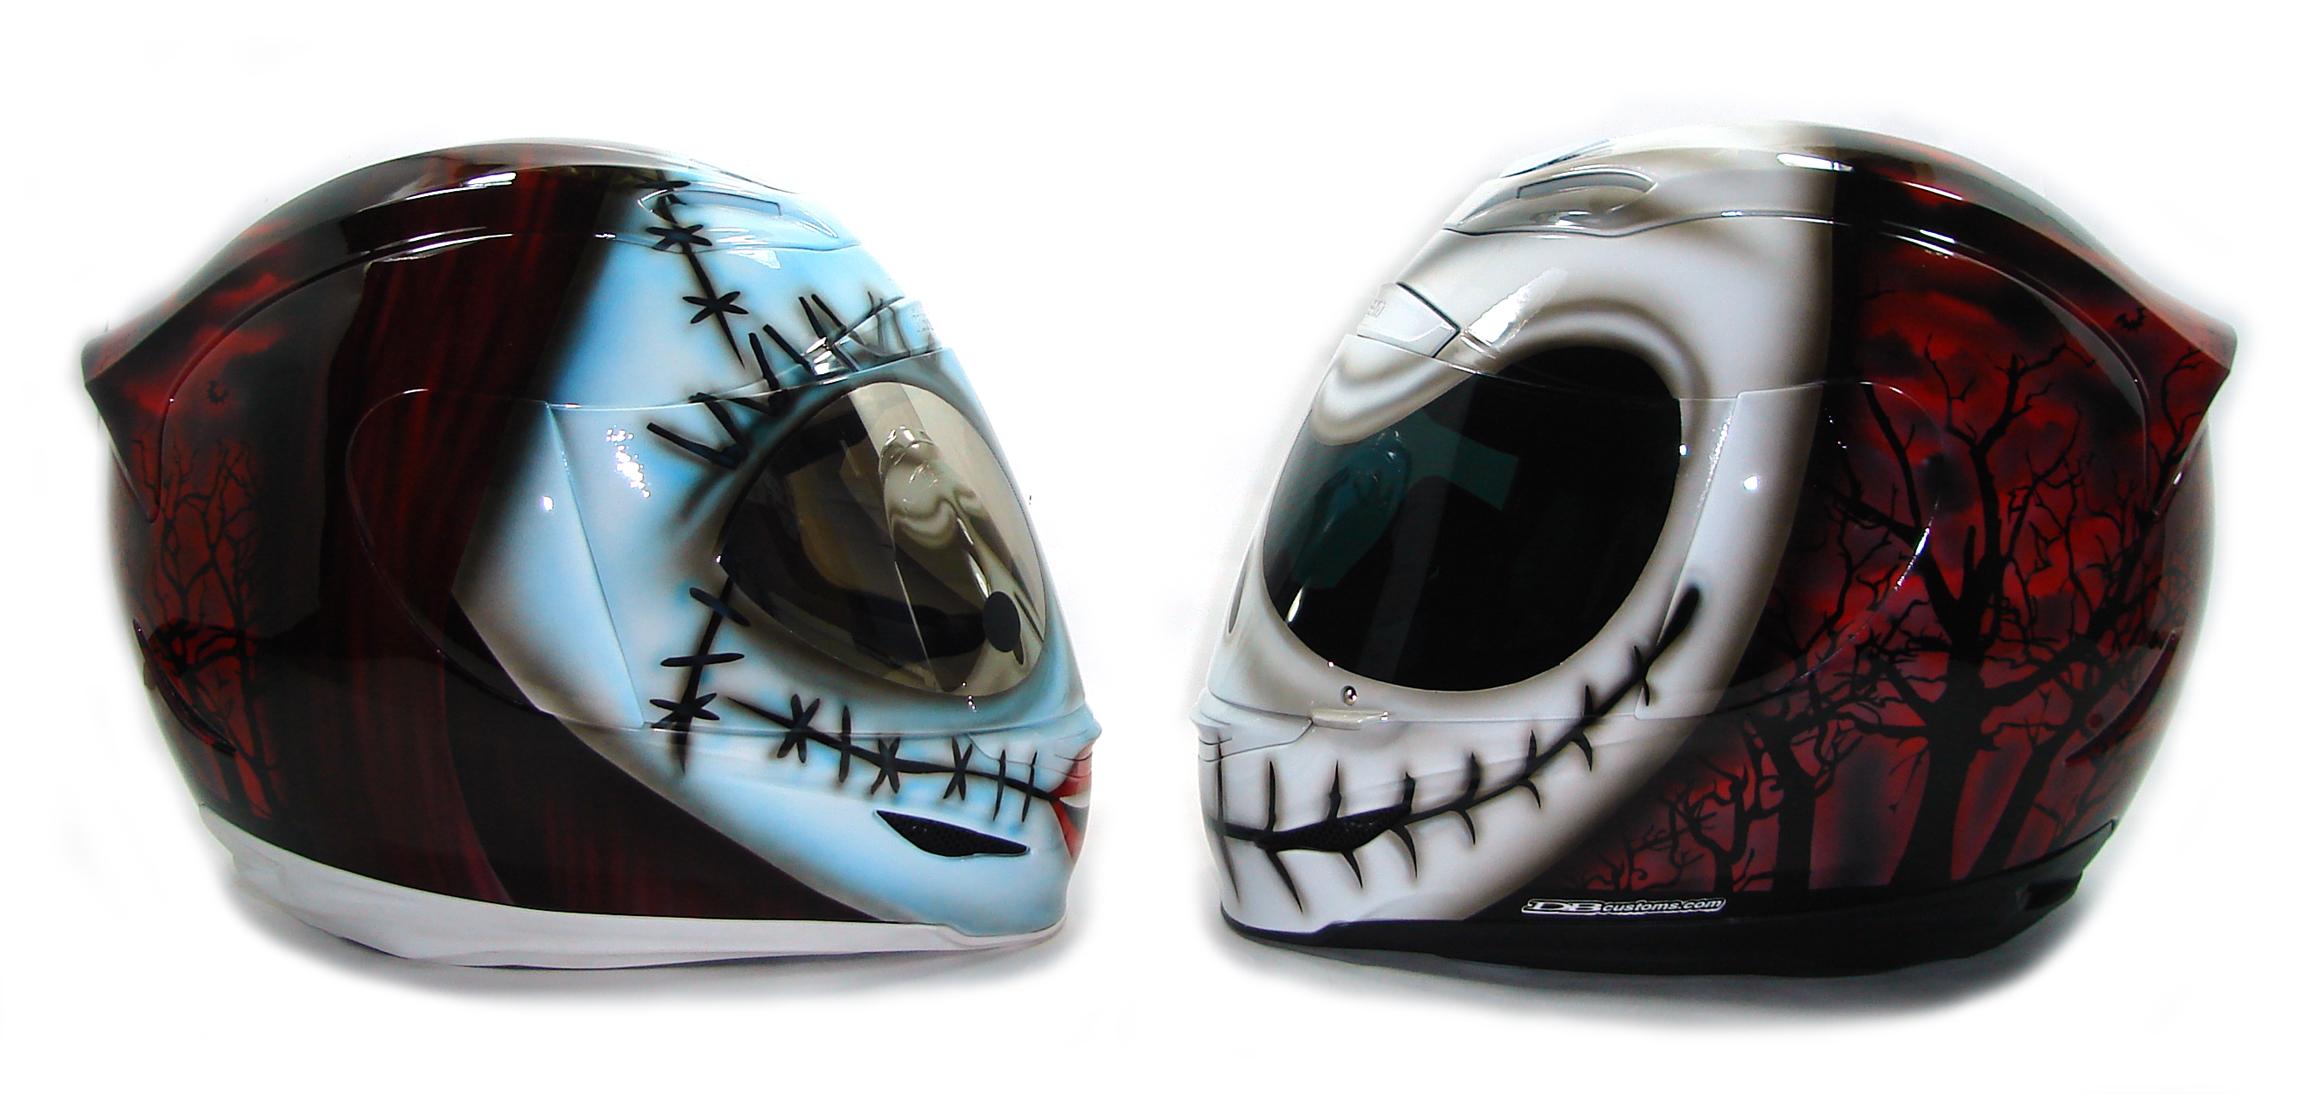 Custom Painted Helmet Gallery - Jack and Sally - Nightmare Before ...